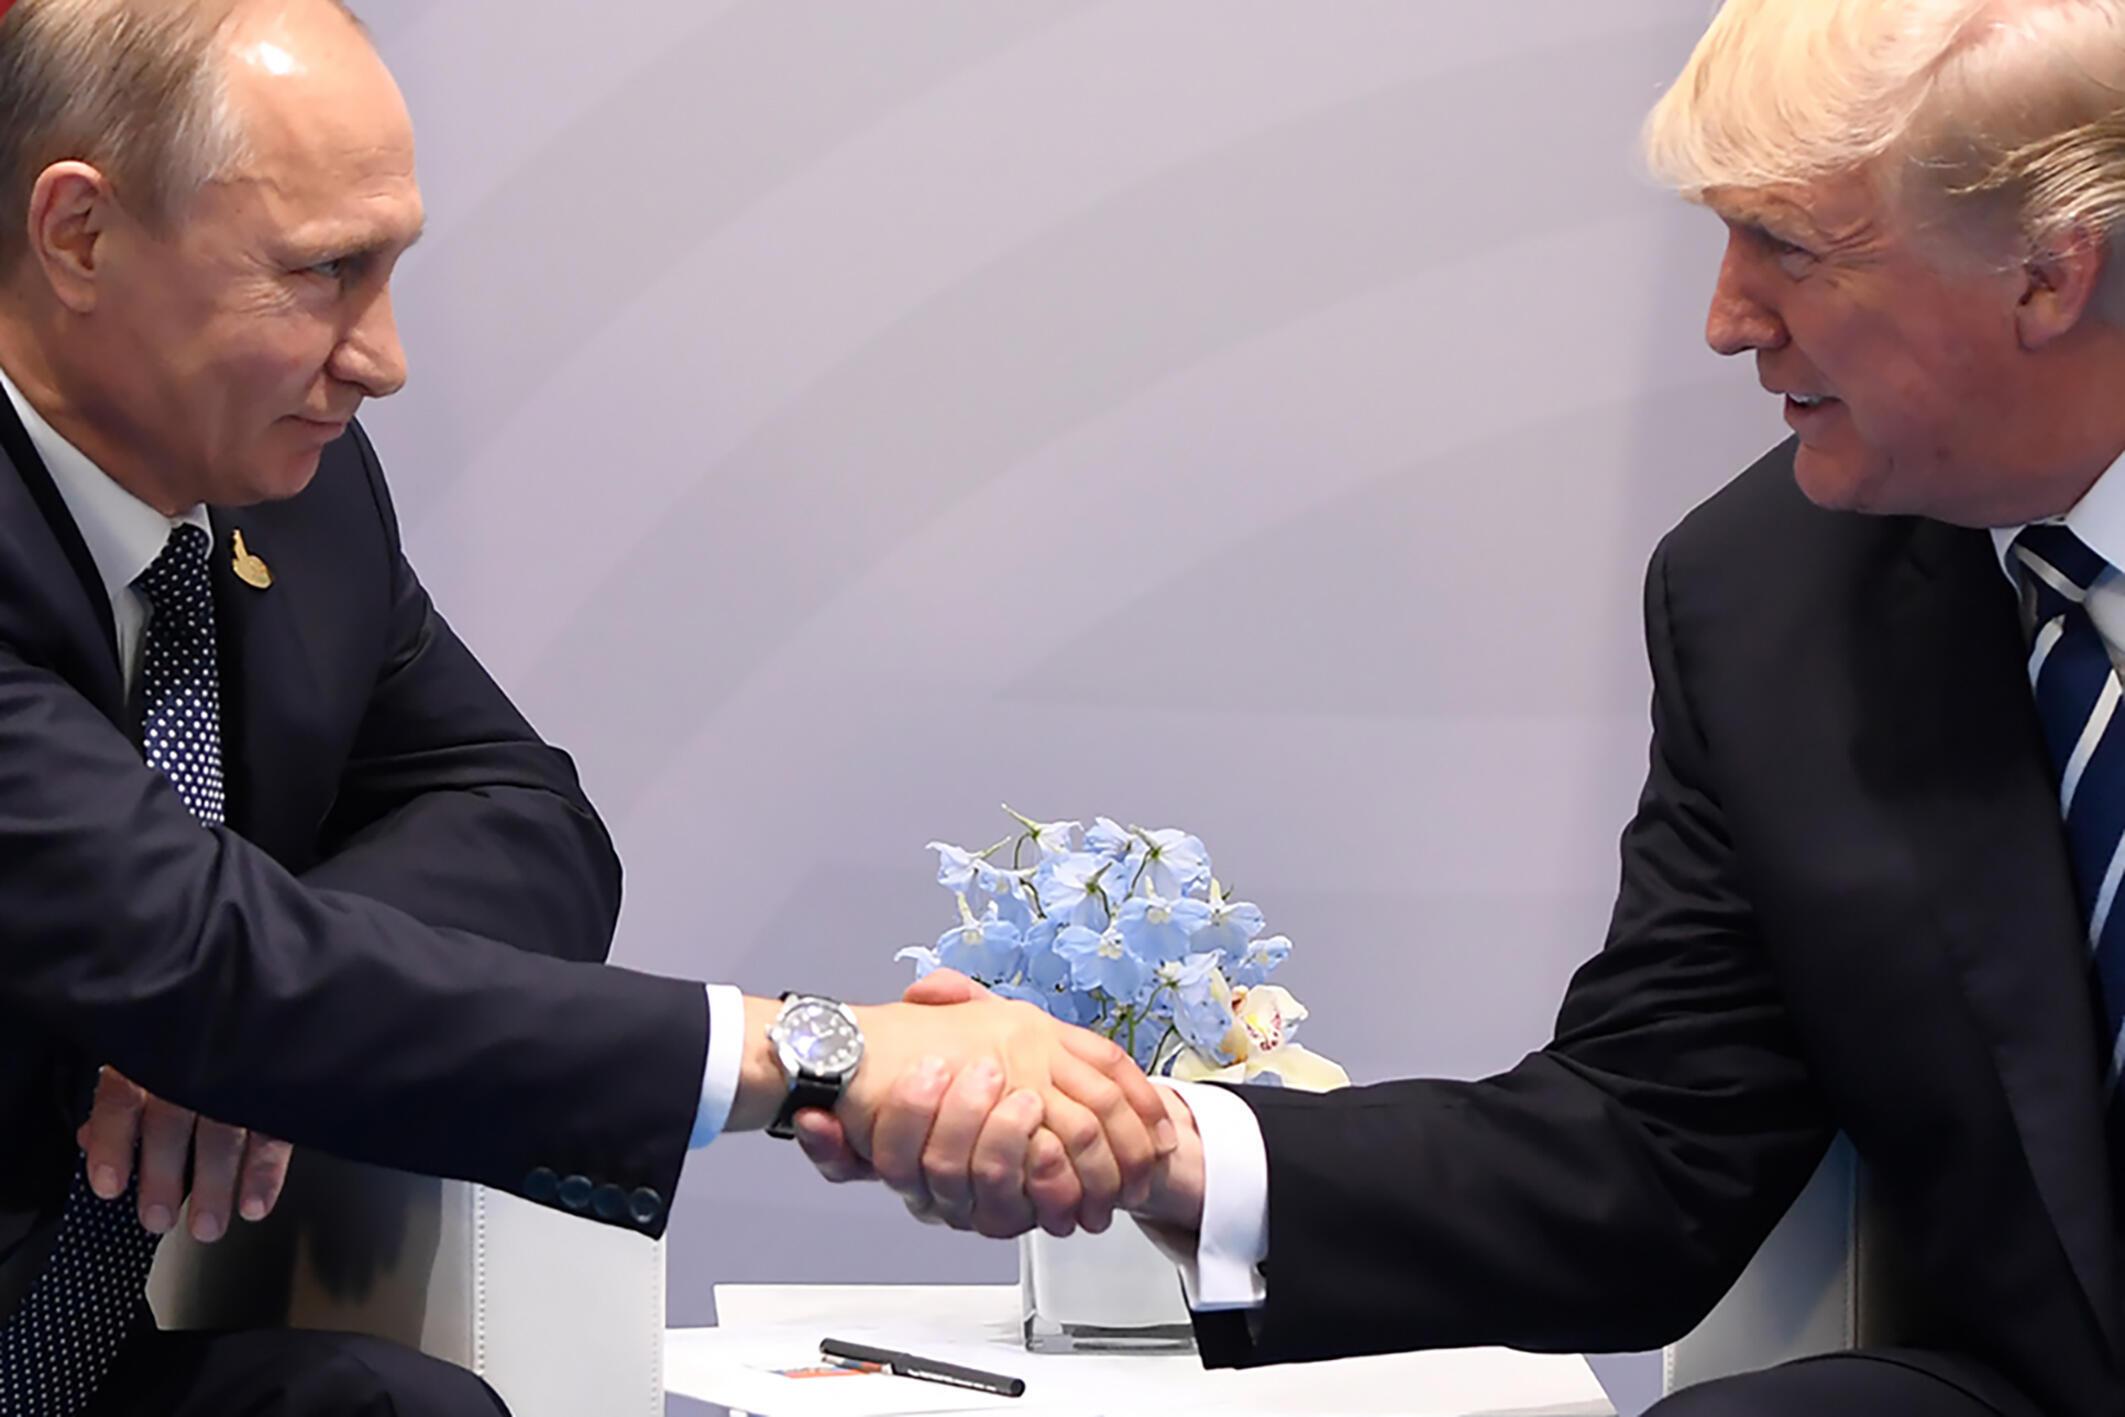 Archivo: El presidente ruso Vladimir Putin y su homólogo estadounidense Donald Trump en la cumbre del G20 en Hamburgo, Alemania, en julio de 2017.